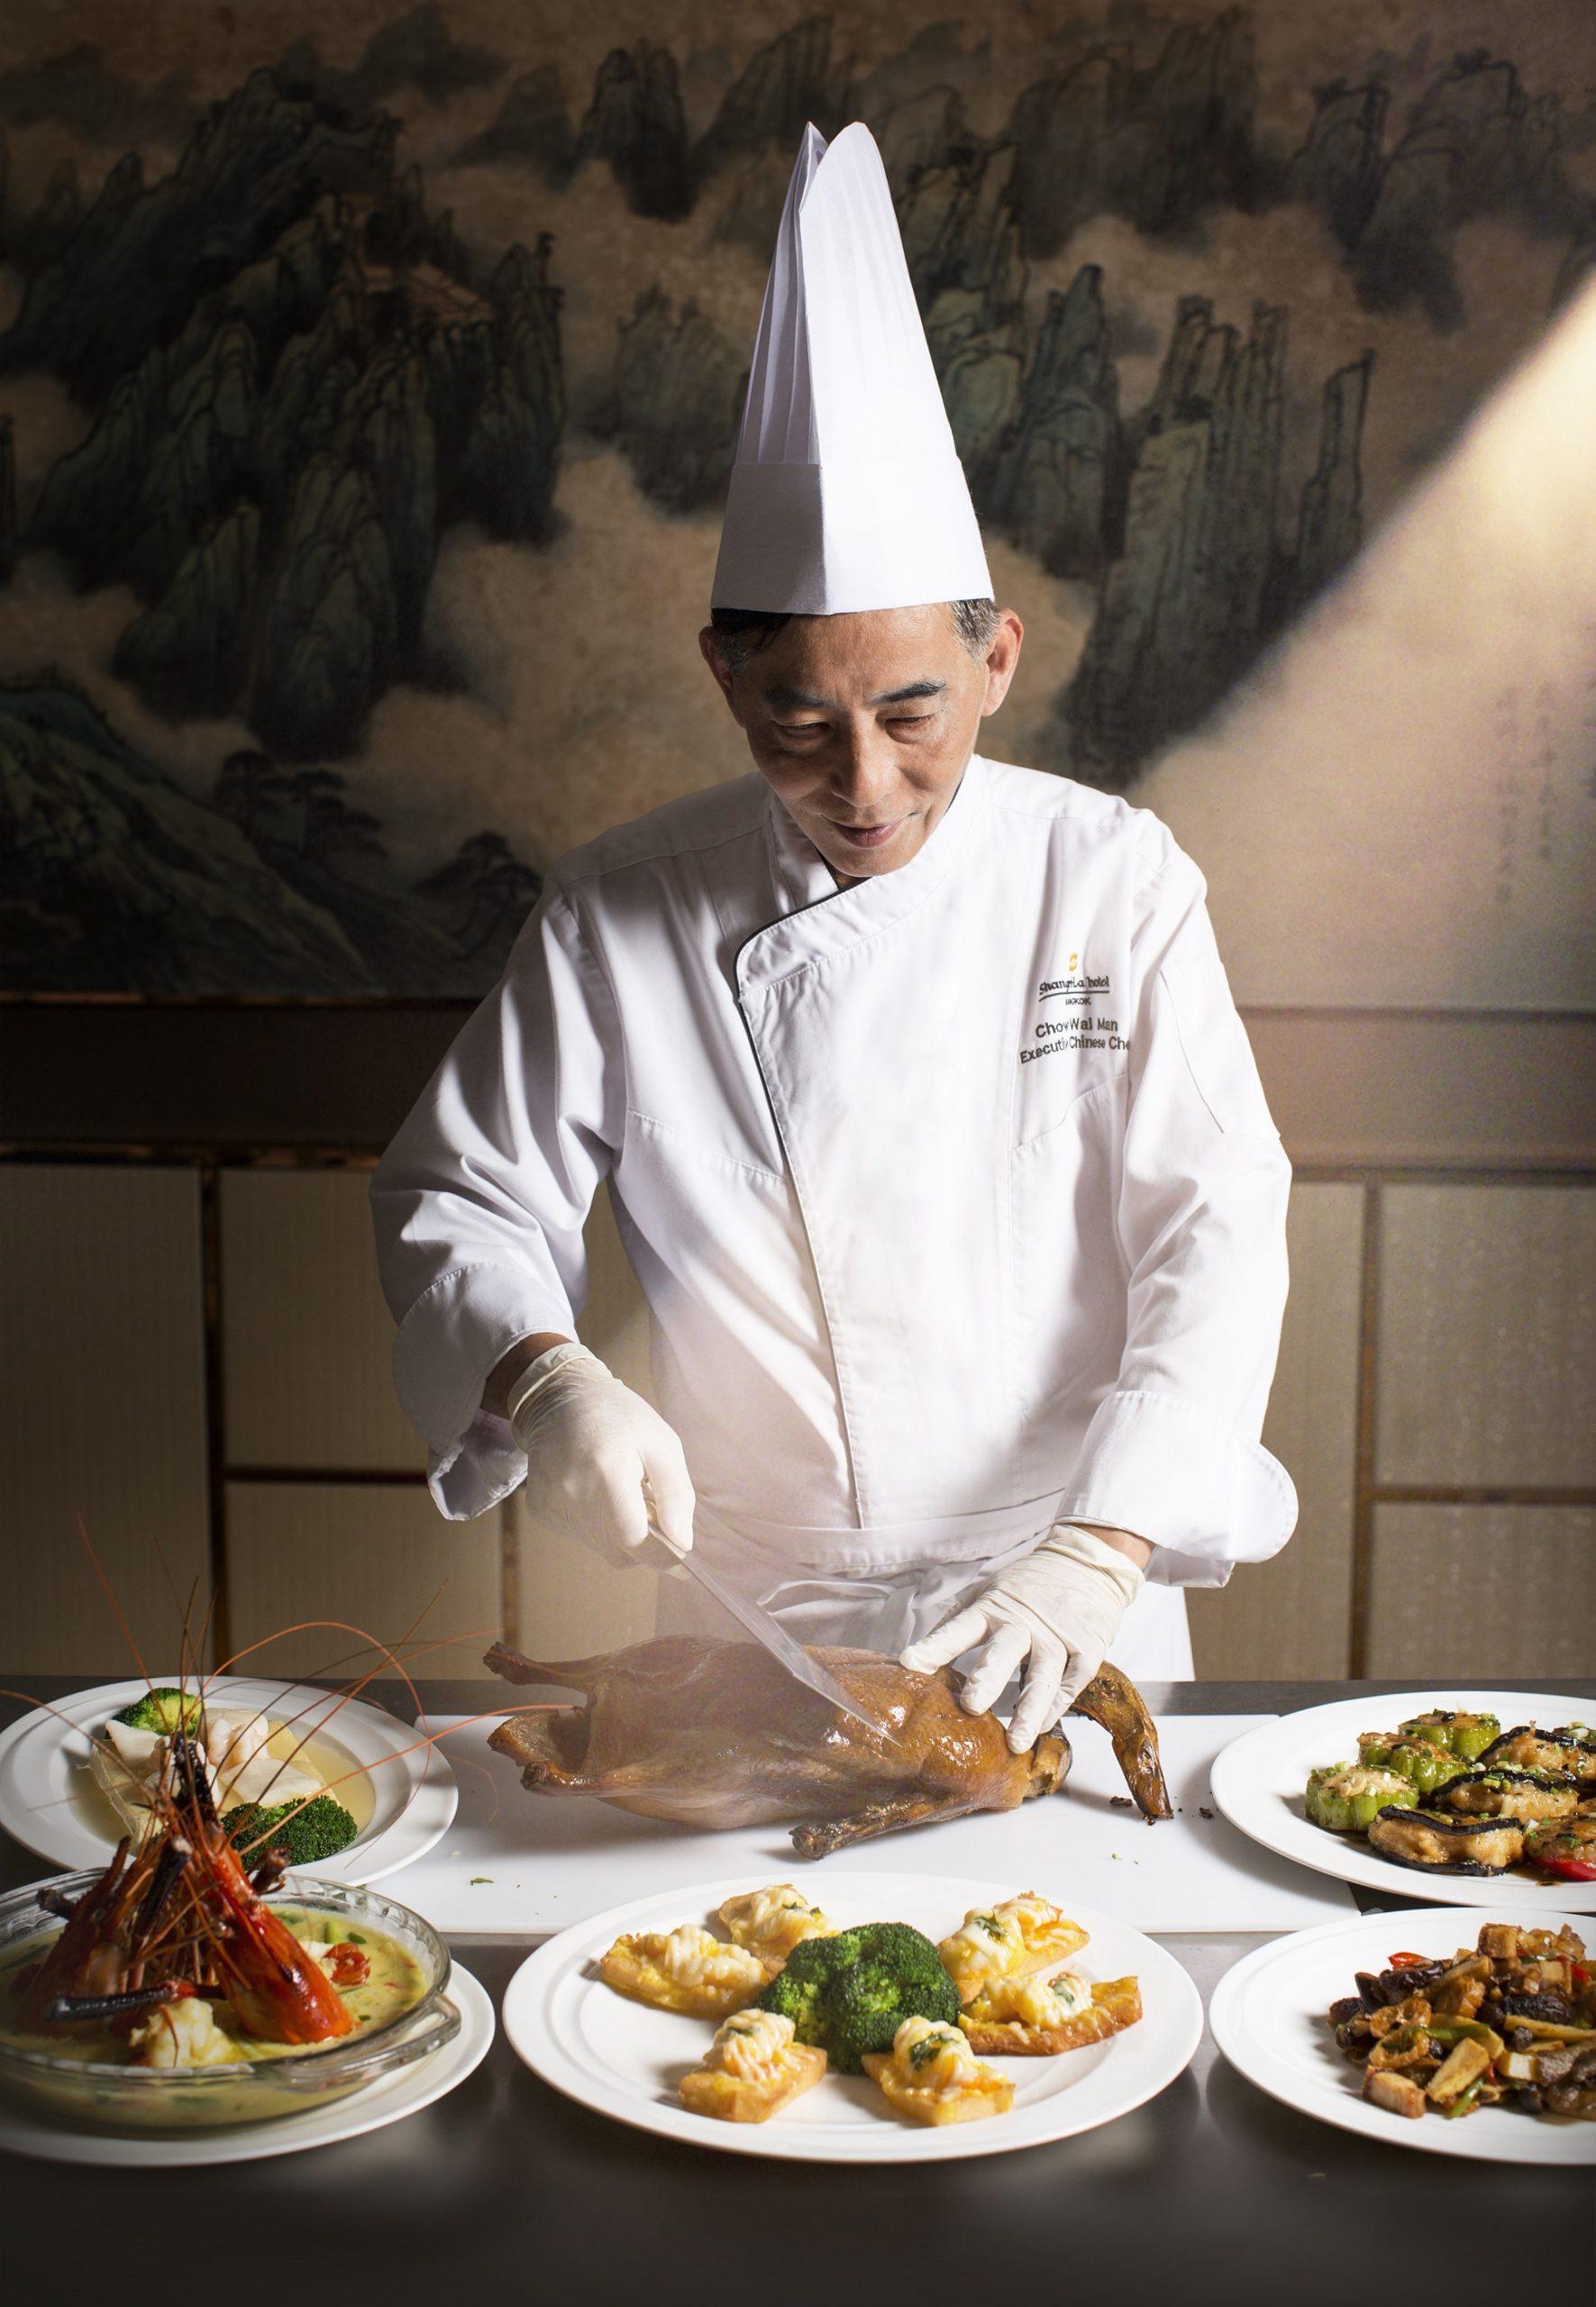 อาหารจีน 3 อย่าง